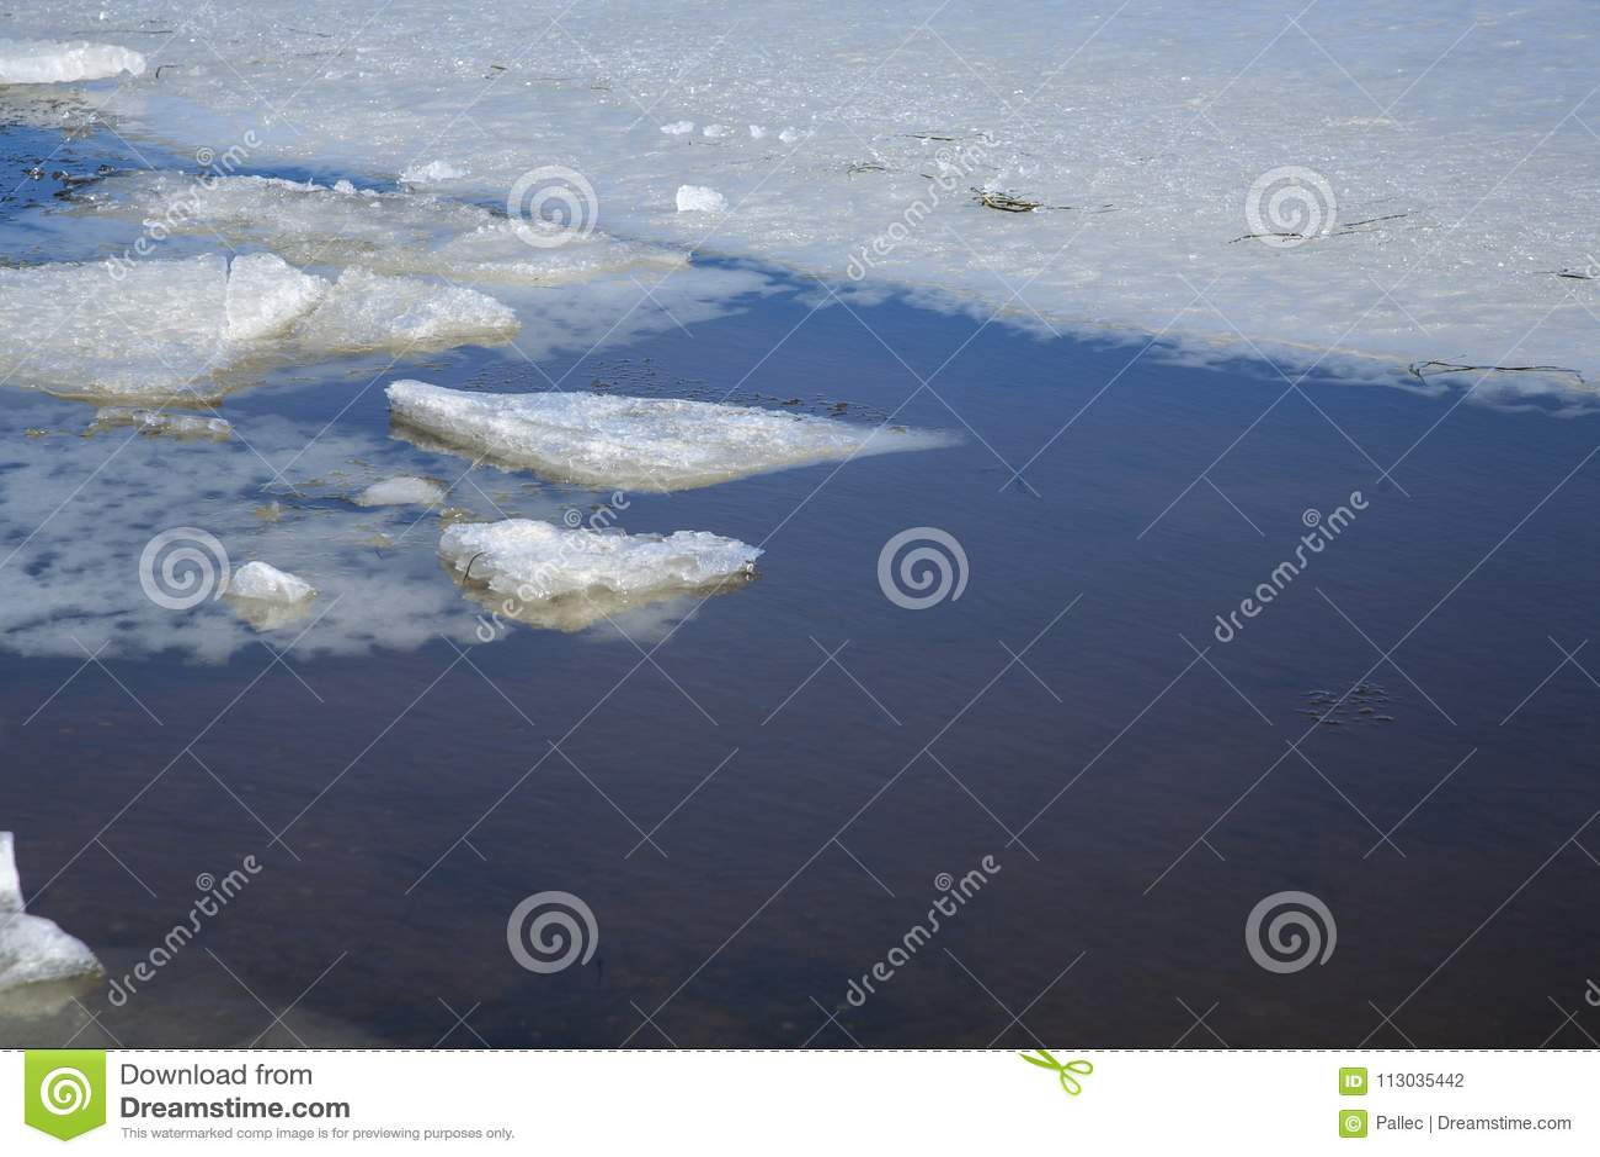 Hiele los pedazos en el océano con agua clara y helada